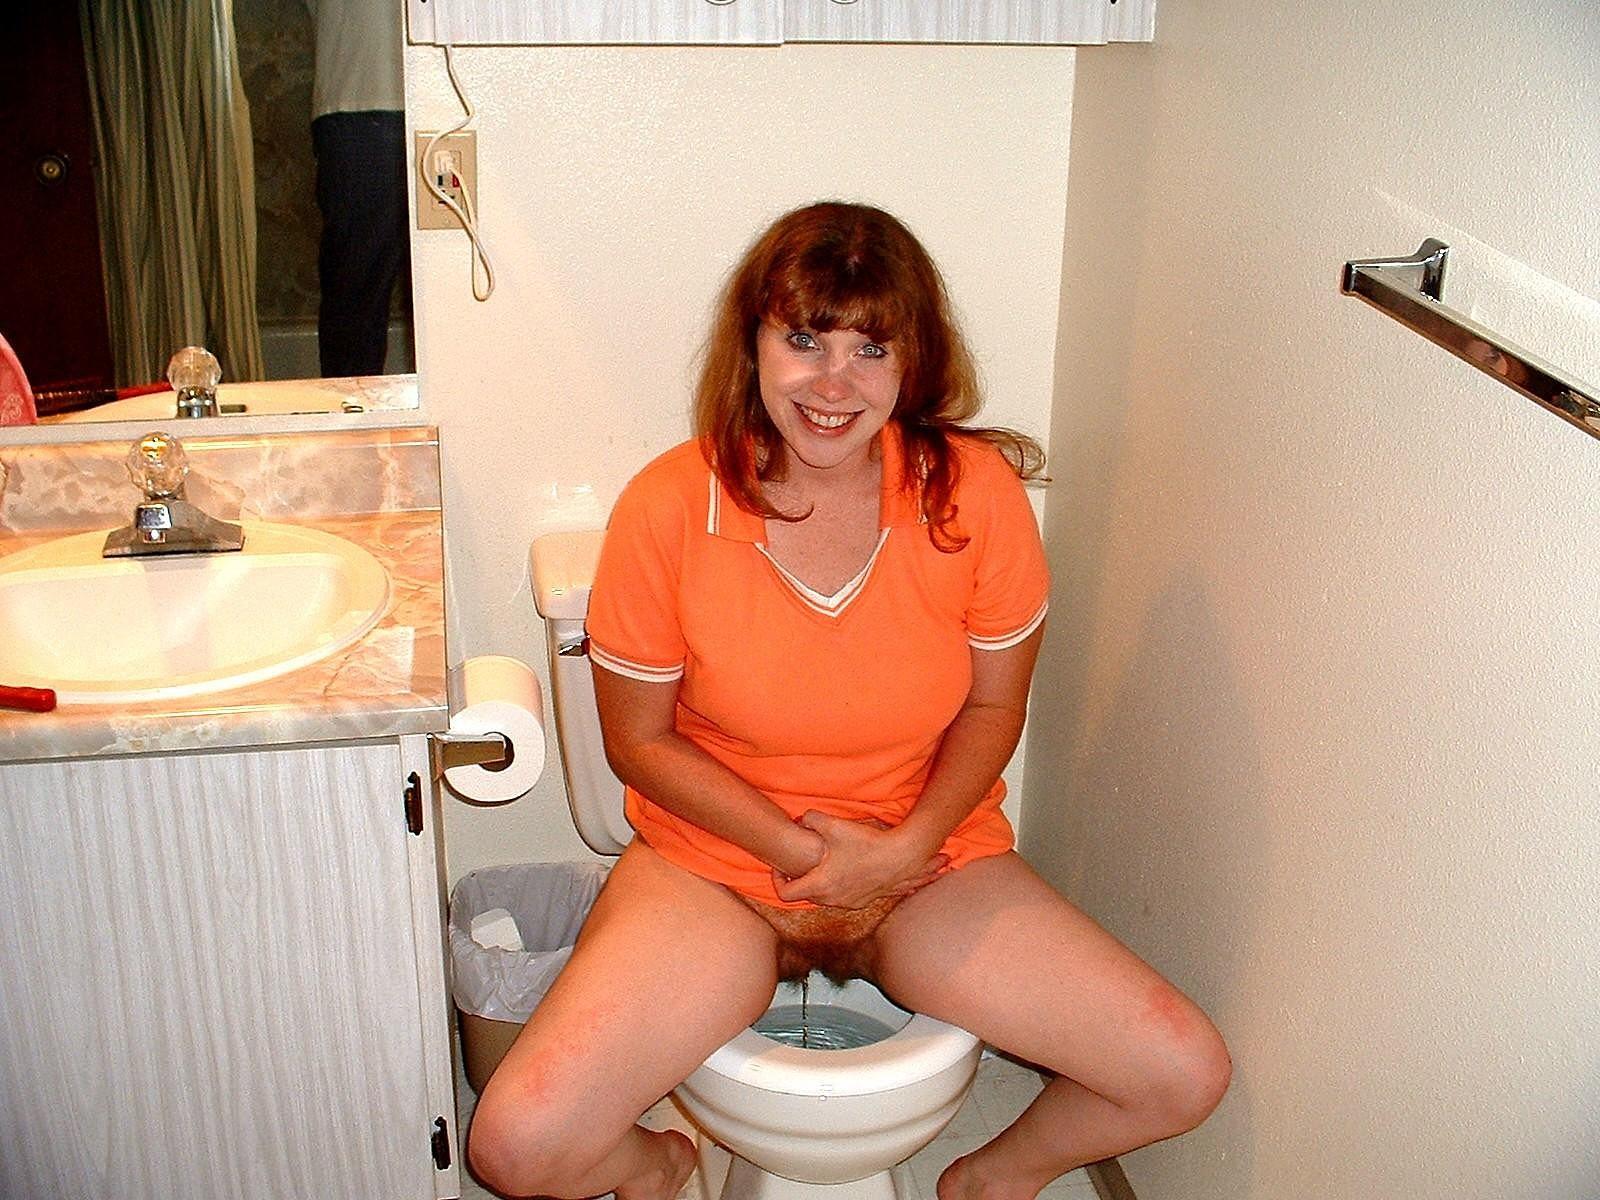 Эротика женщины в туалете 24 фотография